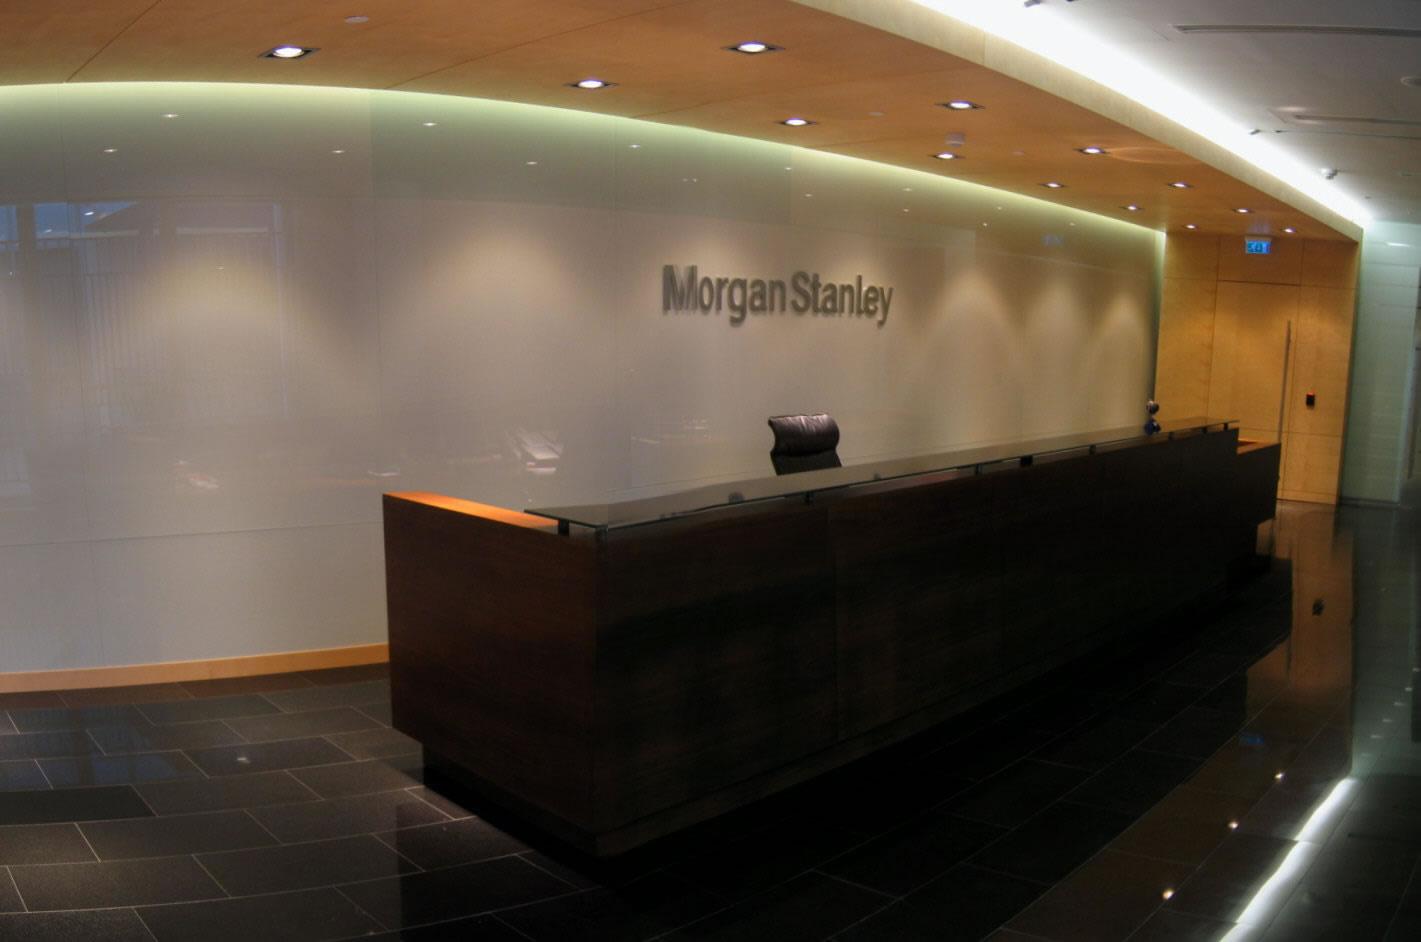 Morgan Stanley переводит валютные операции из Москвы в Лондон